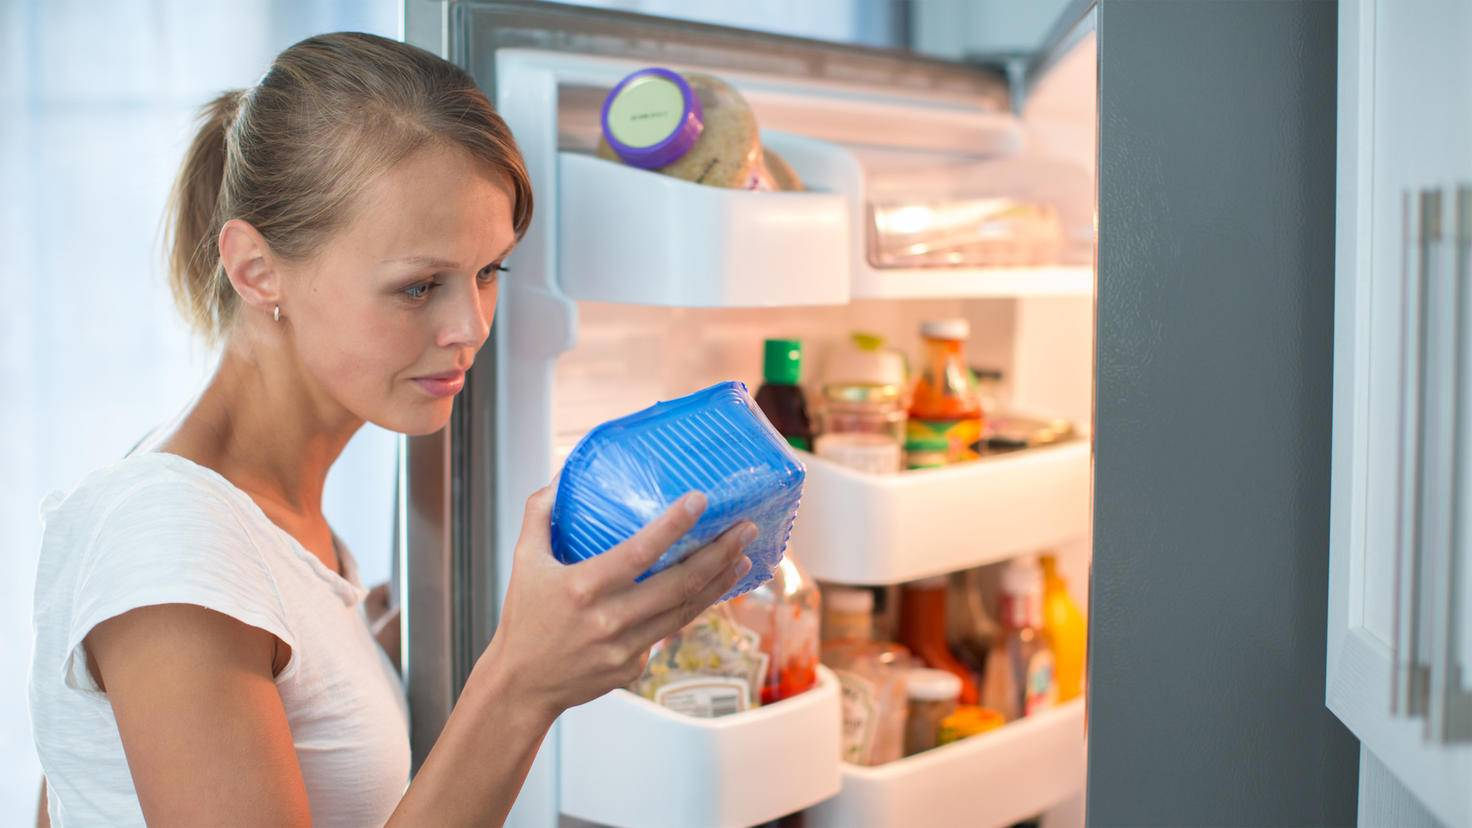 Les aliments stockés dans la zone de 0 degré resteront frais plus longtemps.